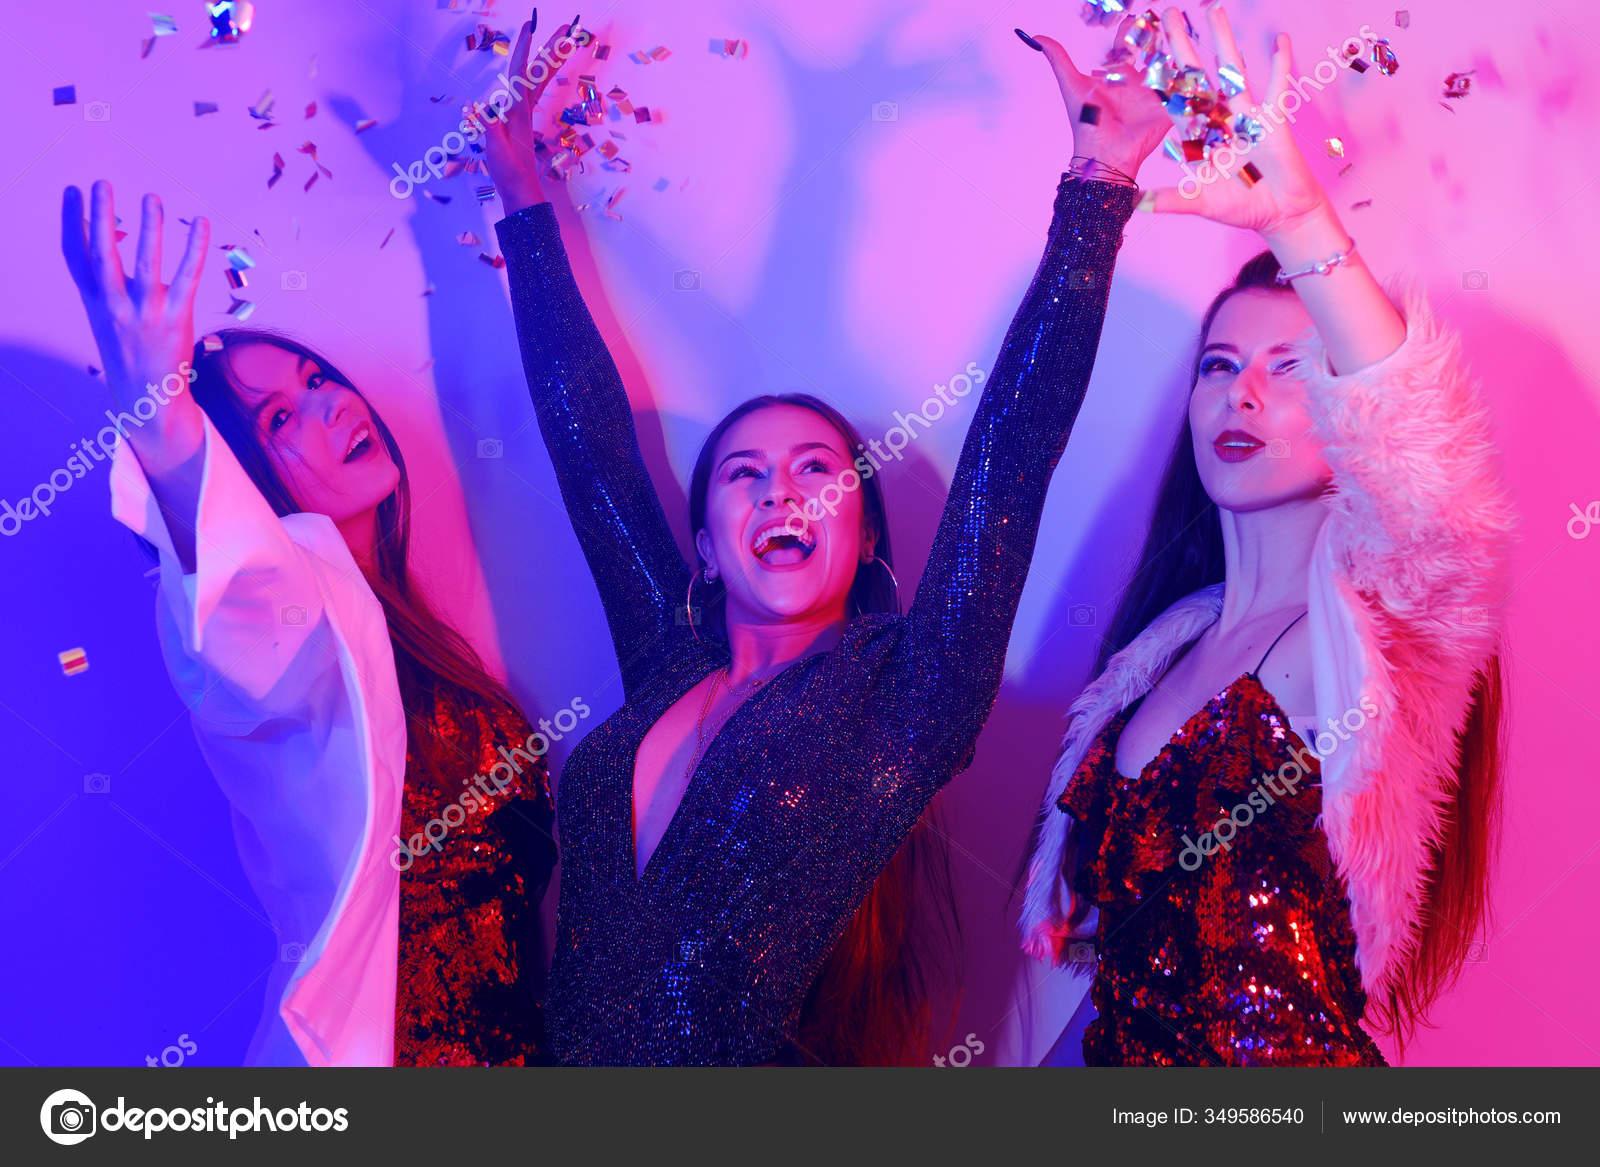 Девушки вы трахались в клубе ночном афиша ночных клубов метелица